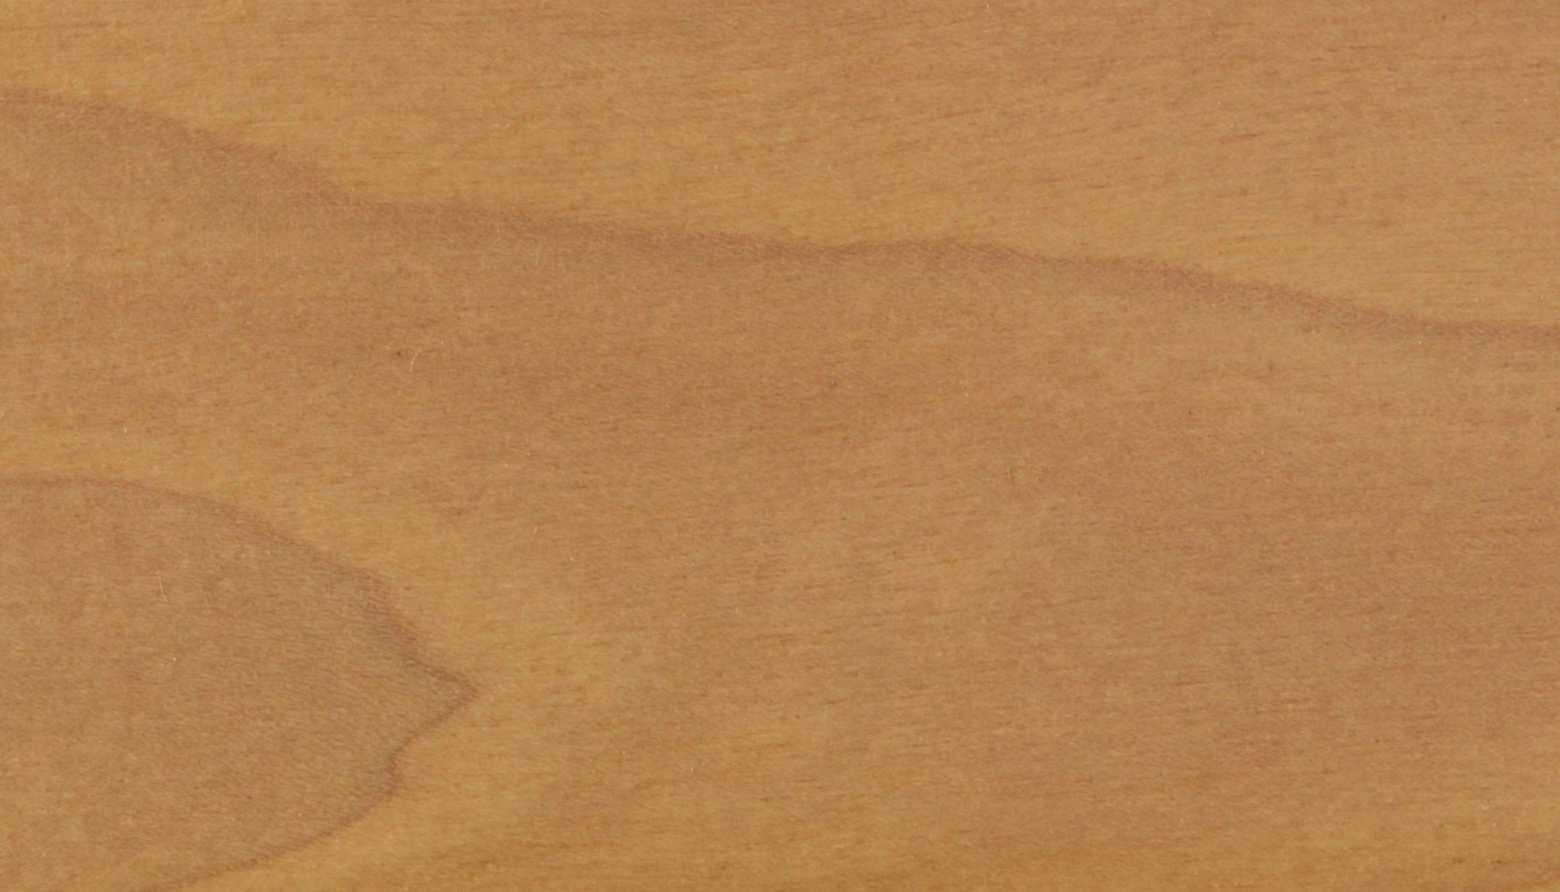 culoarea lemnului - arin, pentru picioare si polite laptop